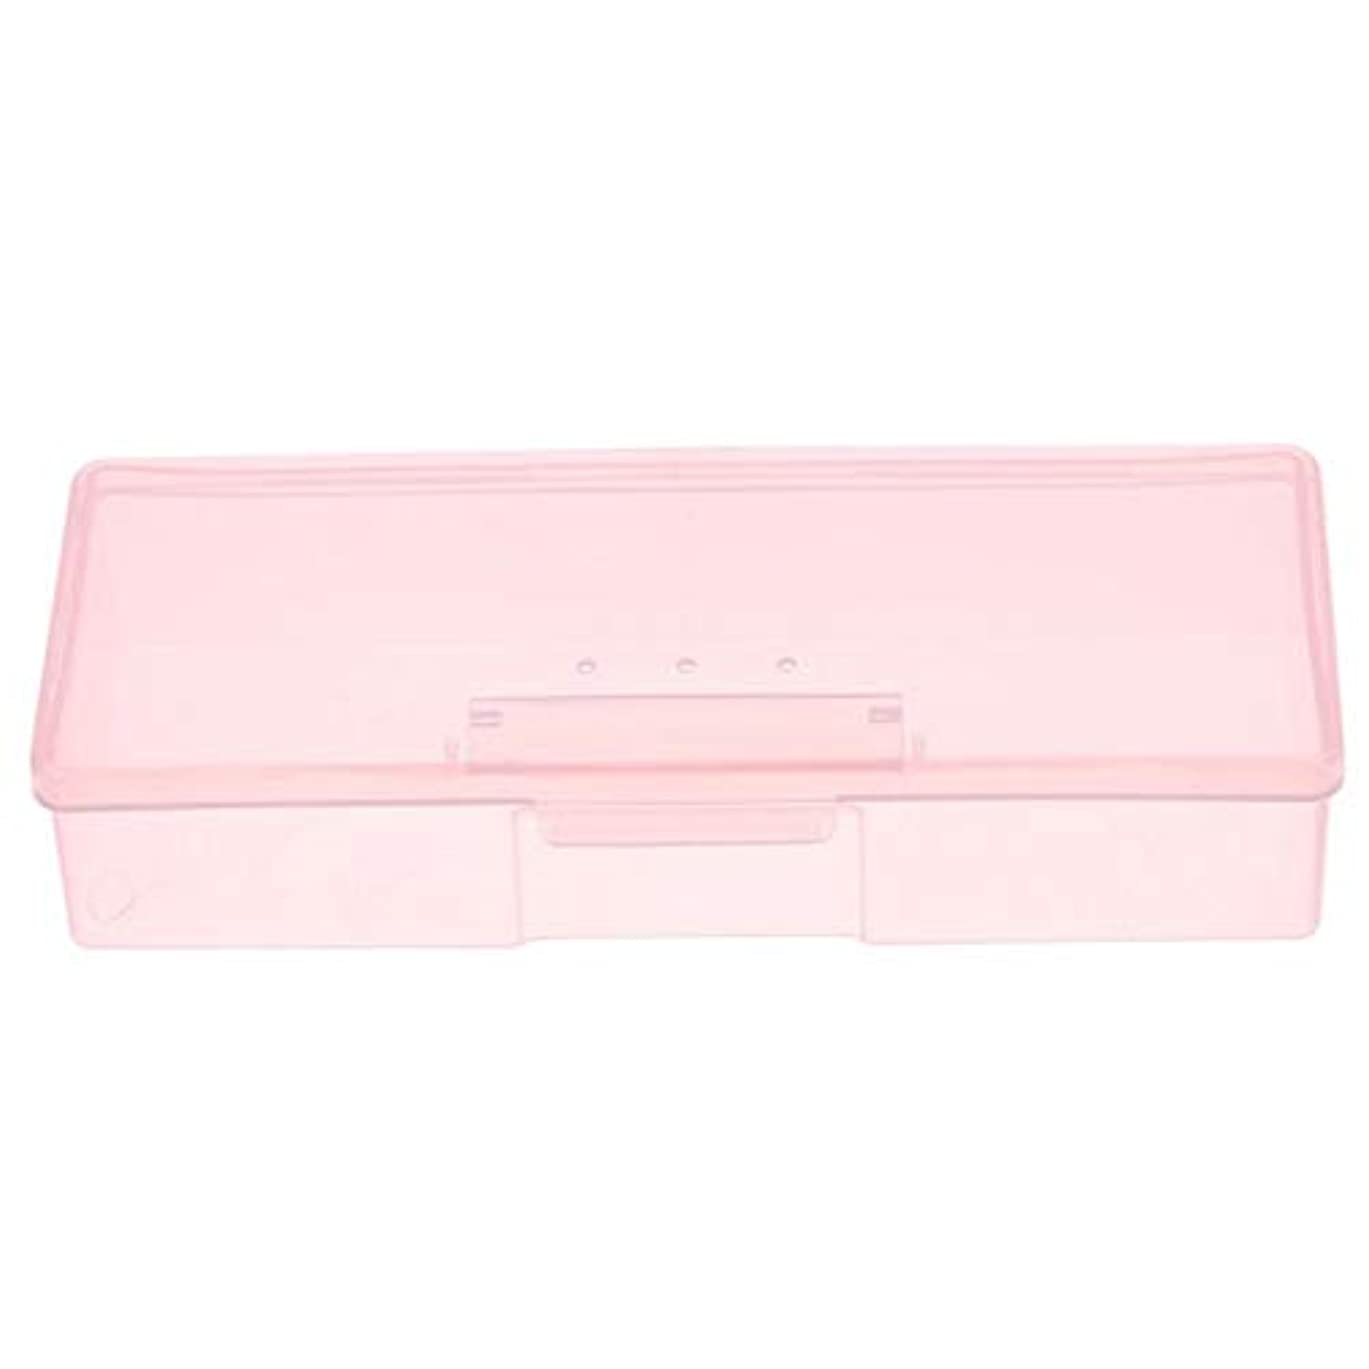 掃除愛する追うTOOGOO マニキュア用ピンクプラスチック透明ネイルツール収納ボックスネイルラインストーン装飾バッファファイル研削オーガナイザーケースツール